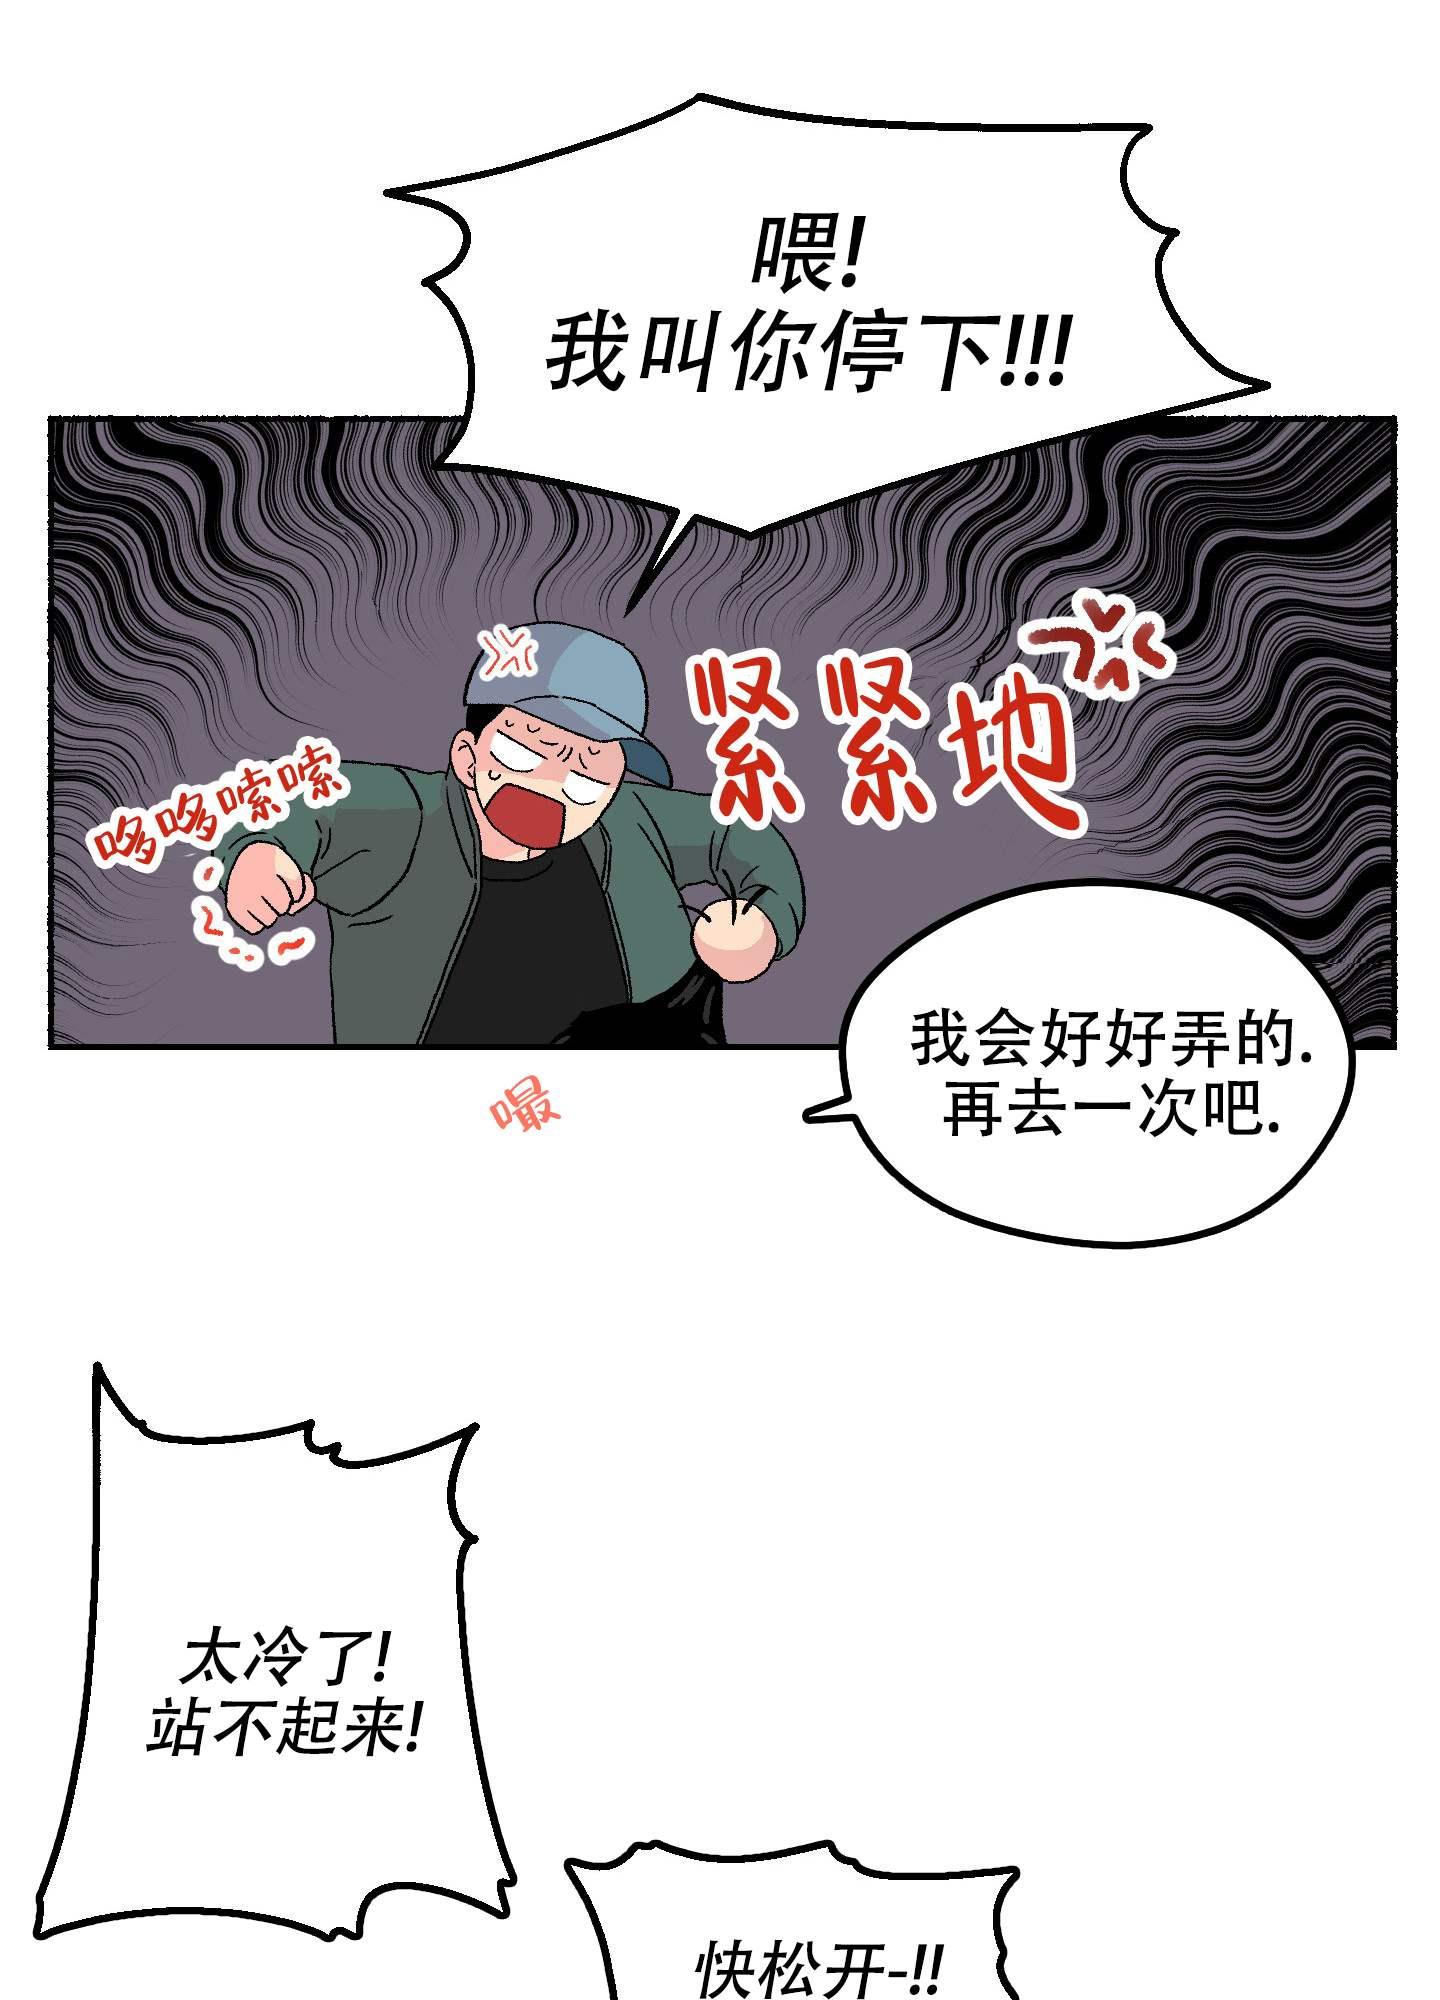 韩漫 |《狡猾的鲁鲁》  恶魔与人类,一饿就开do!  第22张